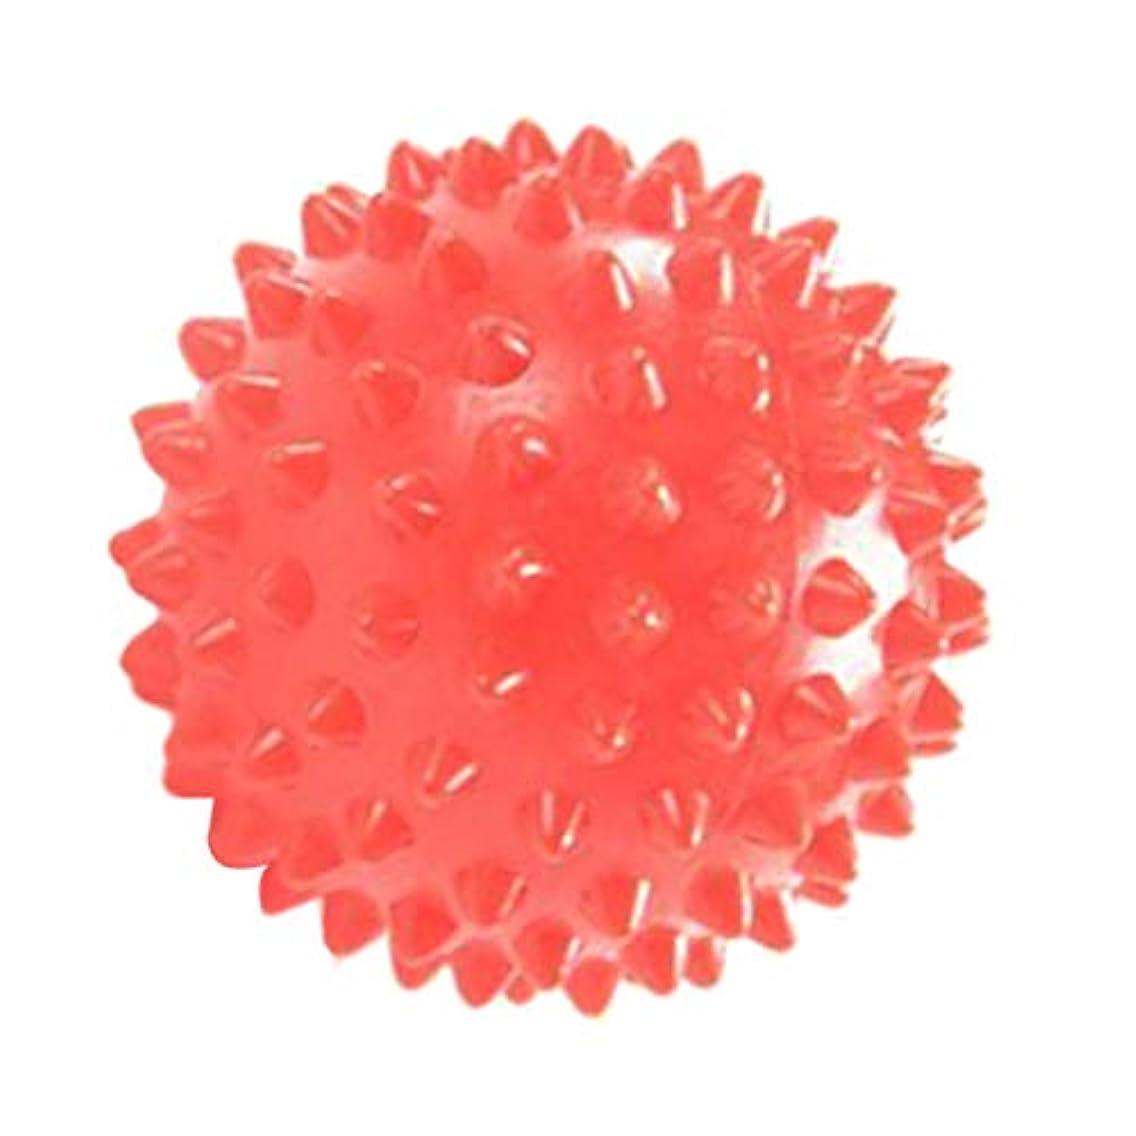 蒸クレジット深い指圧ボール 触覚ボール マッサージローラー ローラーボール 軽量 持ち運び便利 補助ツール